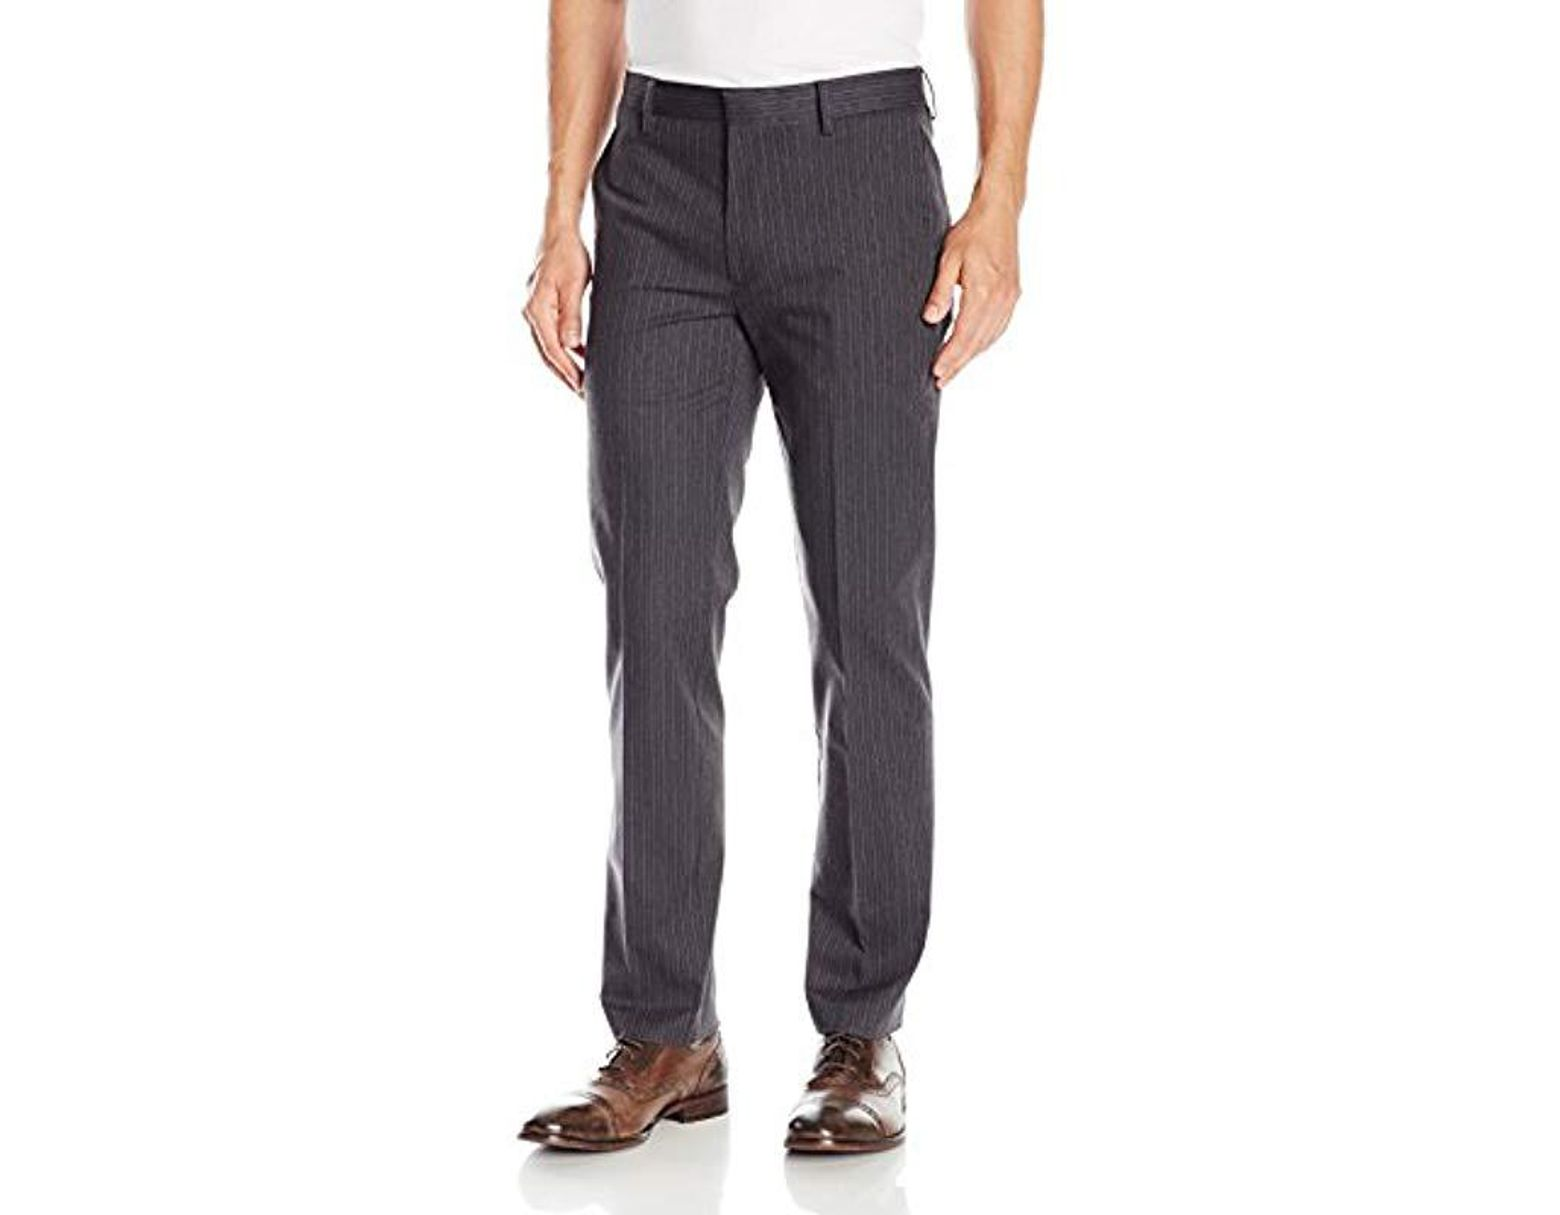 8f72356e5c78d Men's Insignia Wrinkle-free Khaki Slim-fit Pant